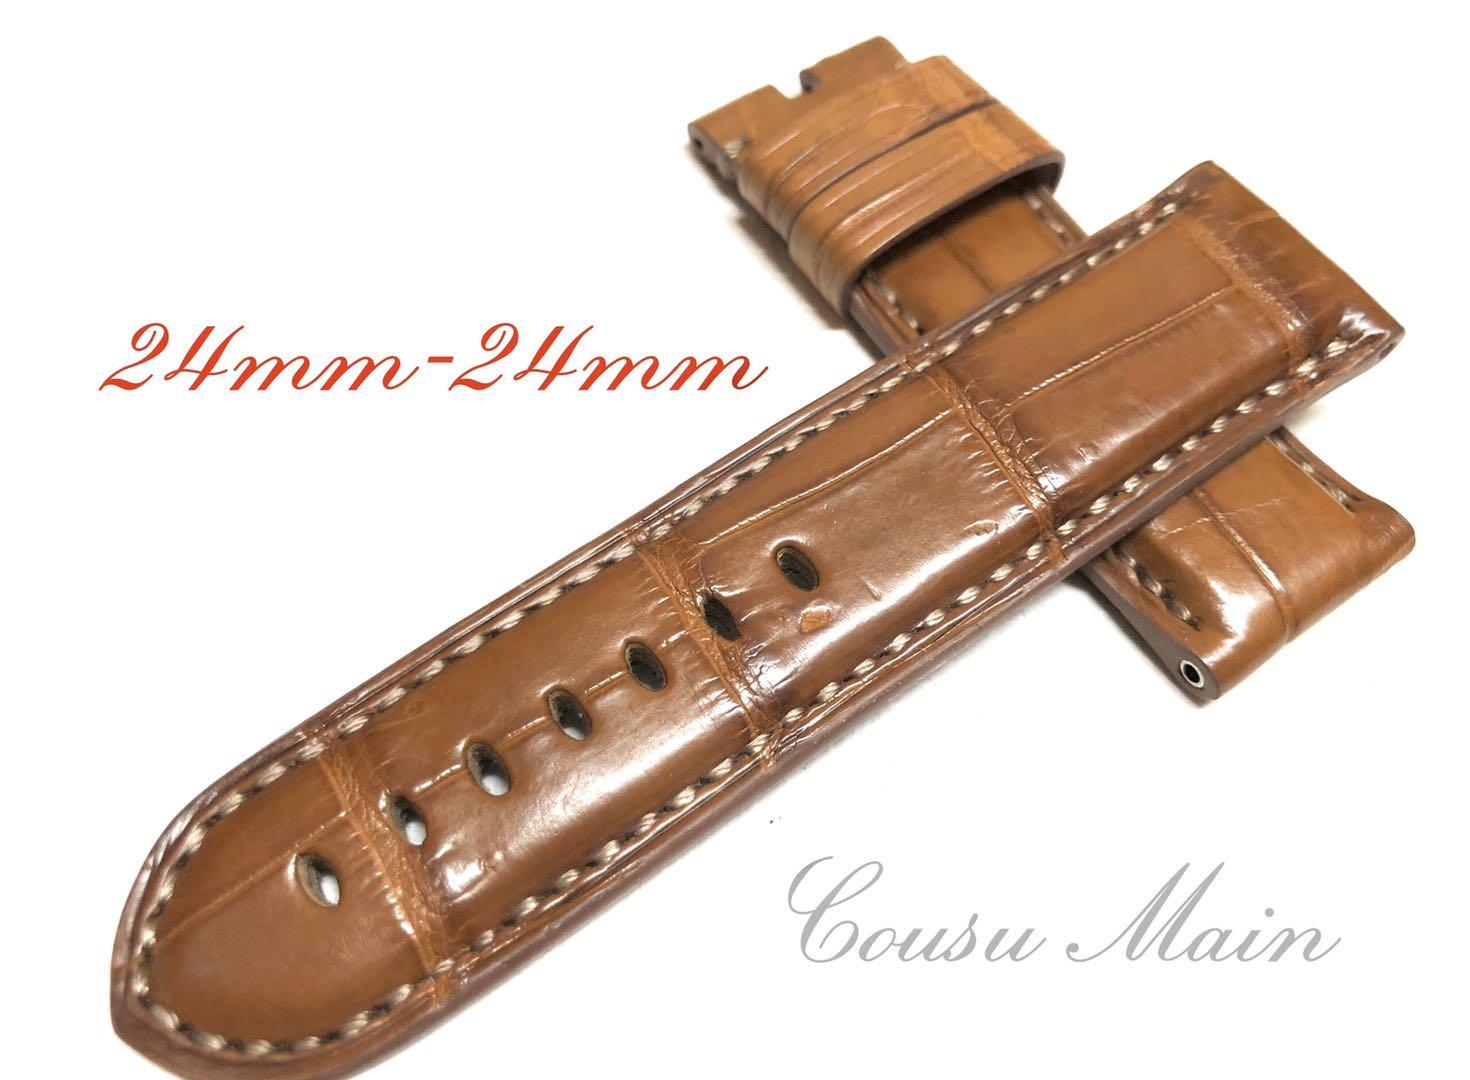 マート CousuMain 24mm-24mm 即納最大半額 クロコダイル クロコベルト 両面 尾錠用 手縫い 向 R498 PANERAI 44mmケース パネライ クロコ時計ベルト